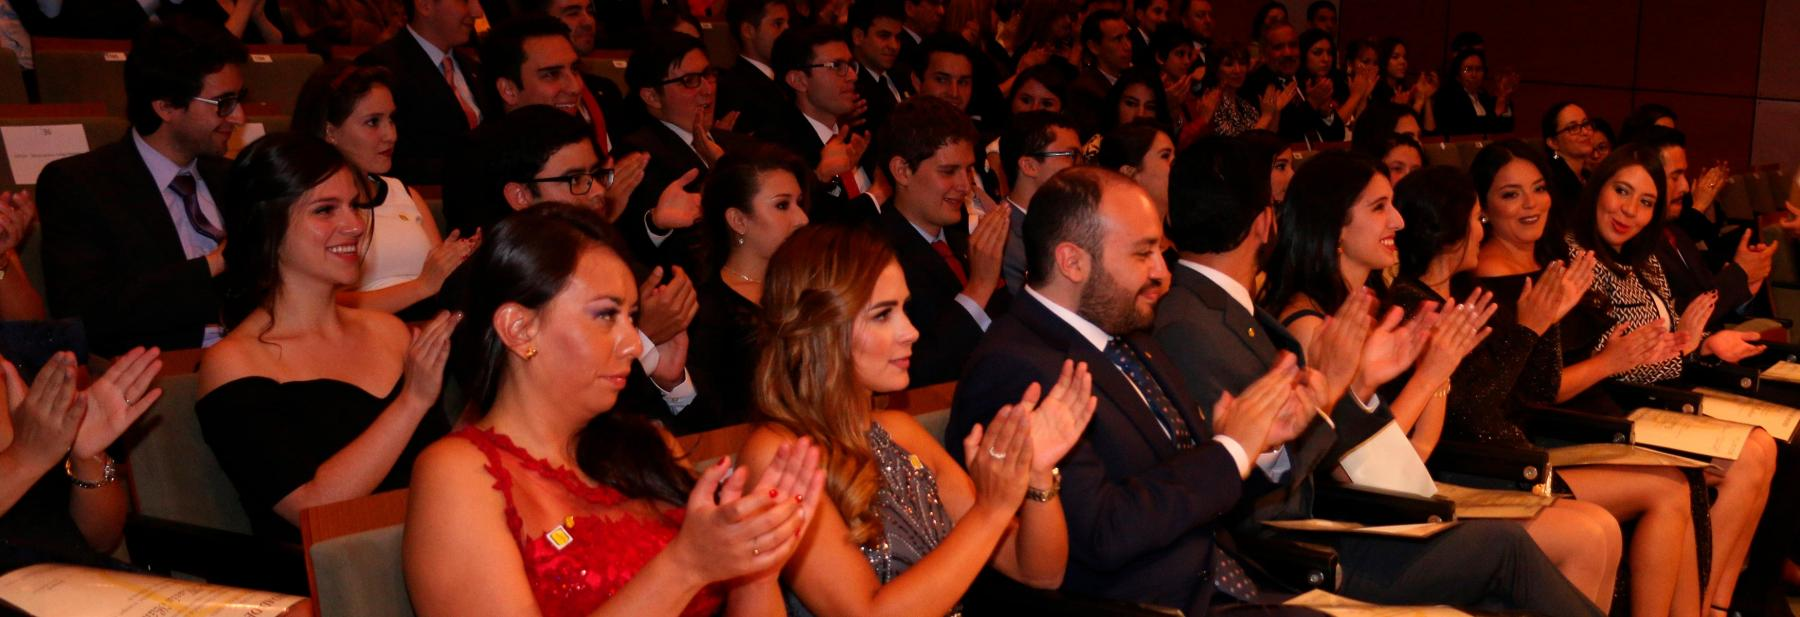 Graduandos aplauden durante la ceremonia de grados.